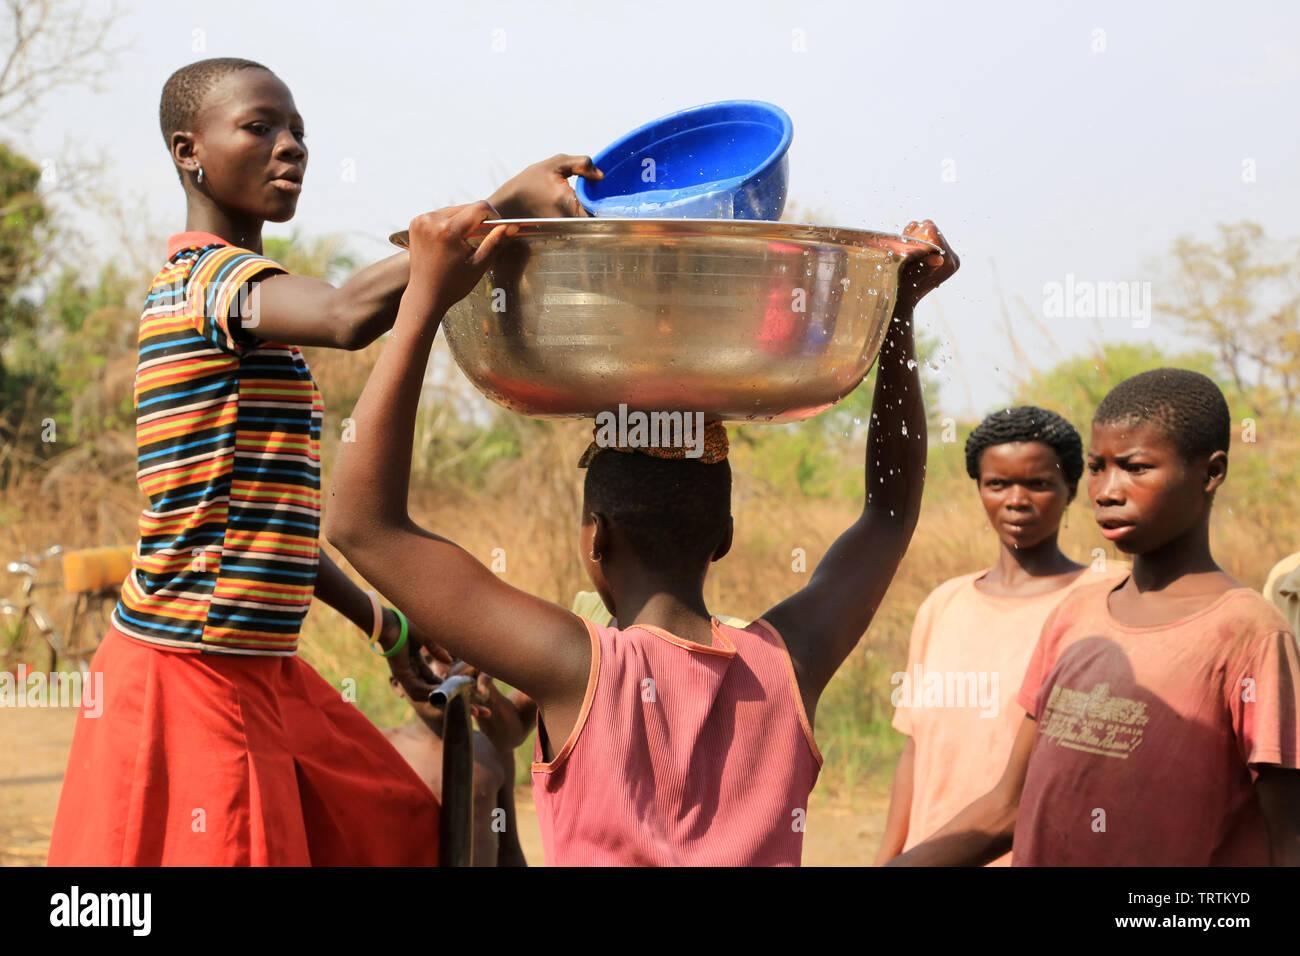 Porteuse d'eau. Datcha. Attikpayé Le Togo. Afrique de l'Ouest. Photo Stock